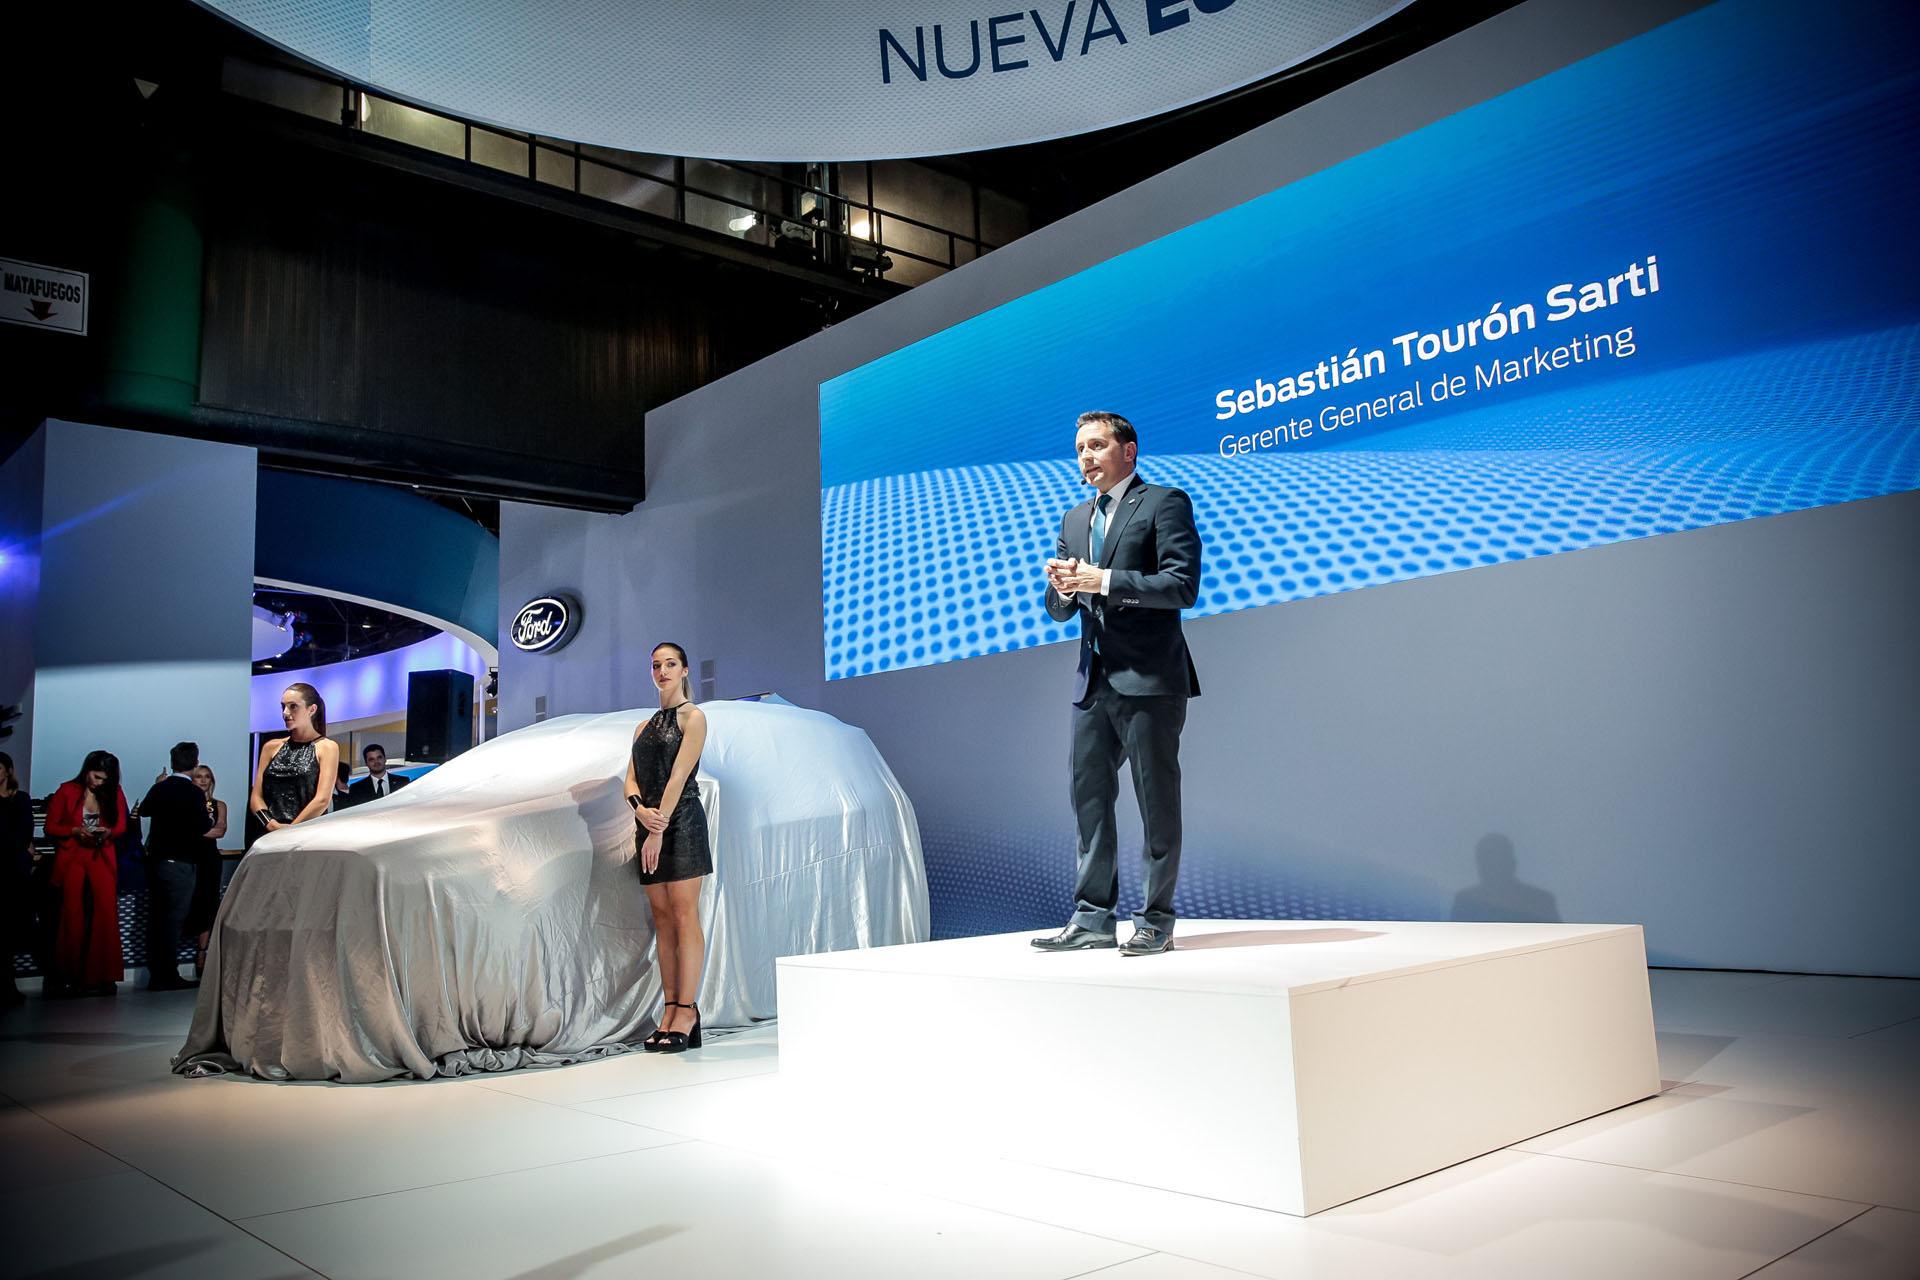 Presentación de la Nueva Ecoport con Sebastián Tourón, Gerente General de Marketing